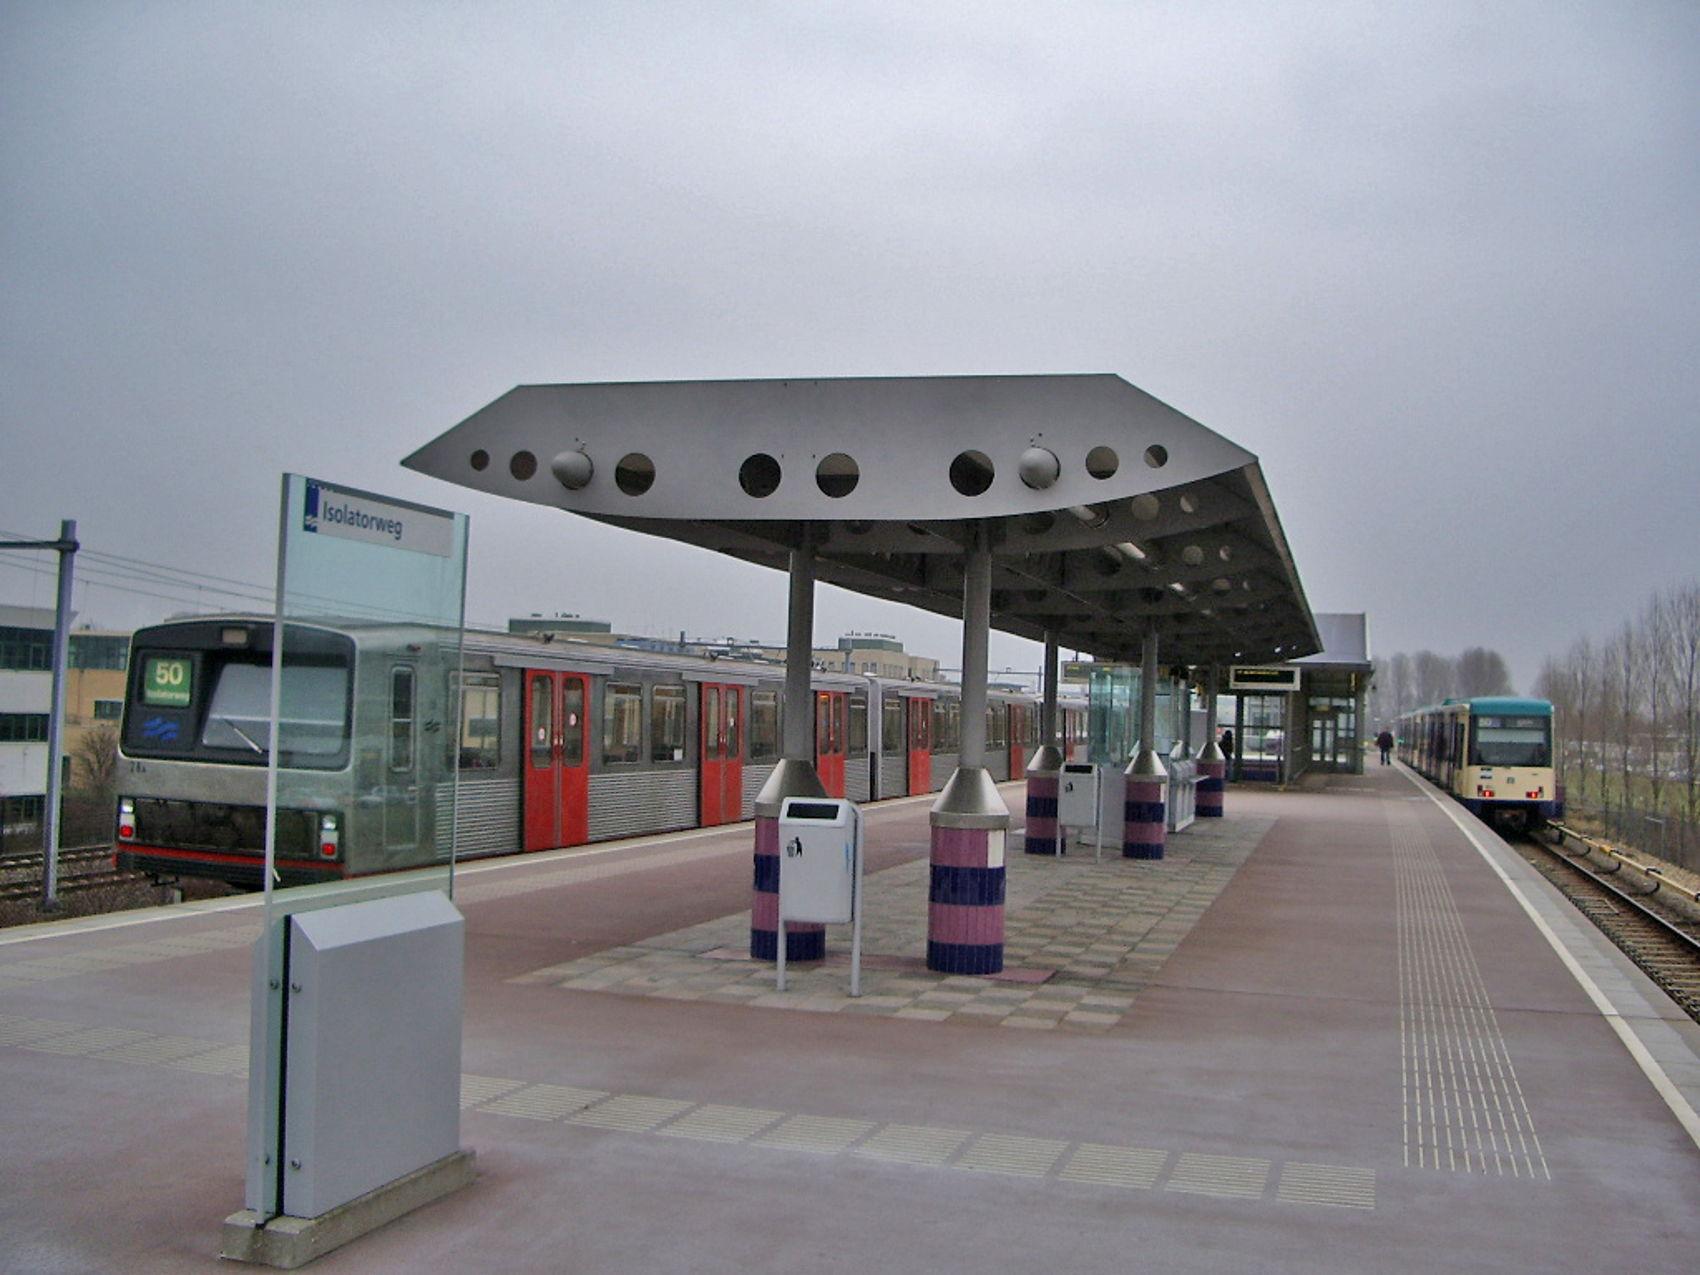 zilvermeeuw bij station isolatorweg